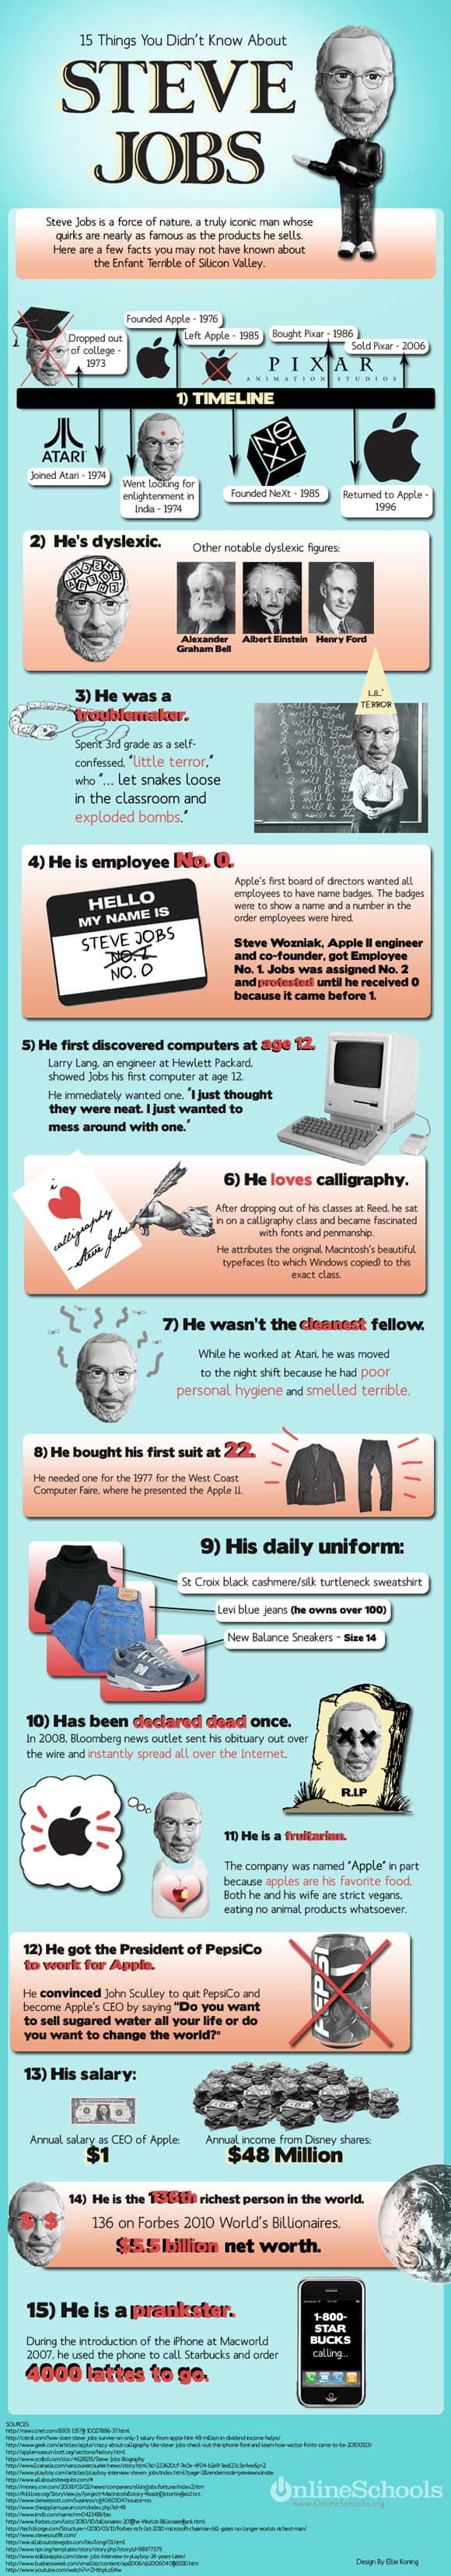 1 steve jobs infographic 18 Stunning Steve Jobs Infographics